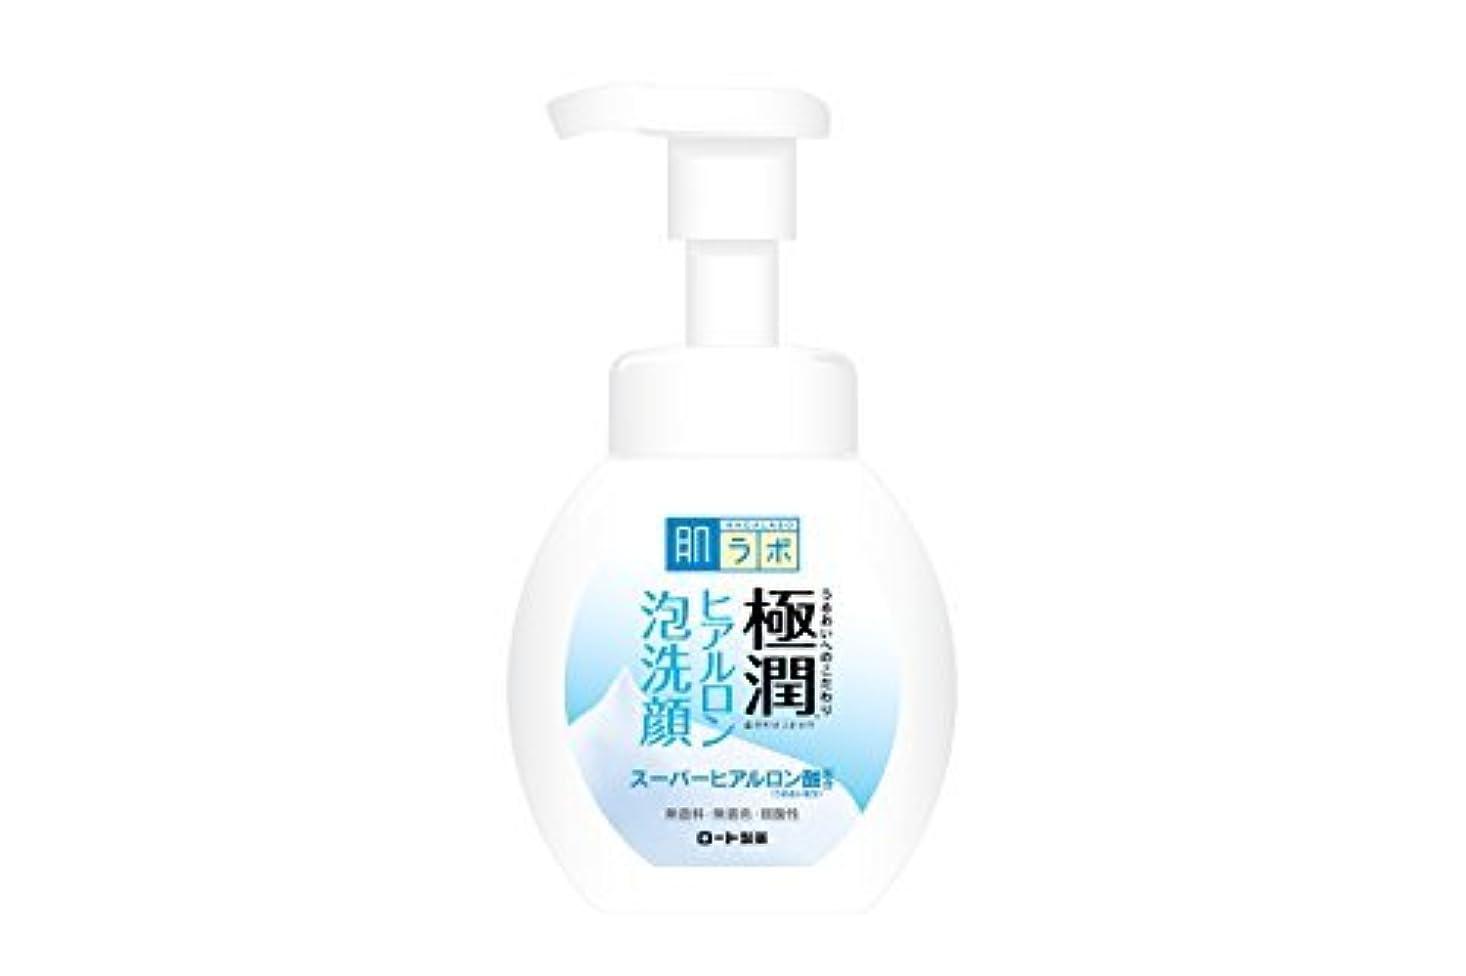 五コア多様体肌研(ハダラボ) 極潤 ヒアルロン 泡洗顔 160mL